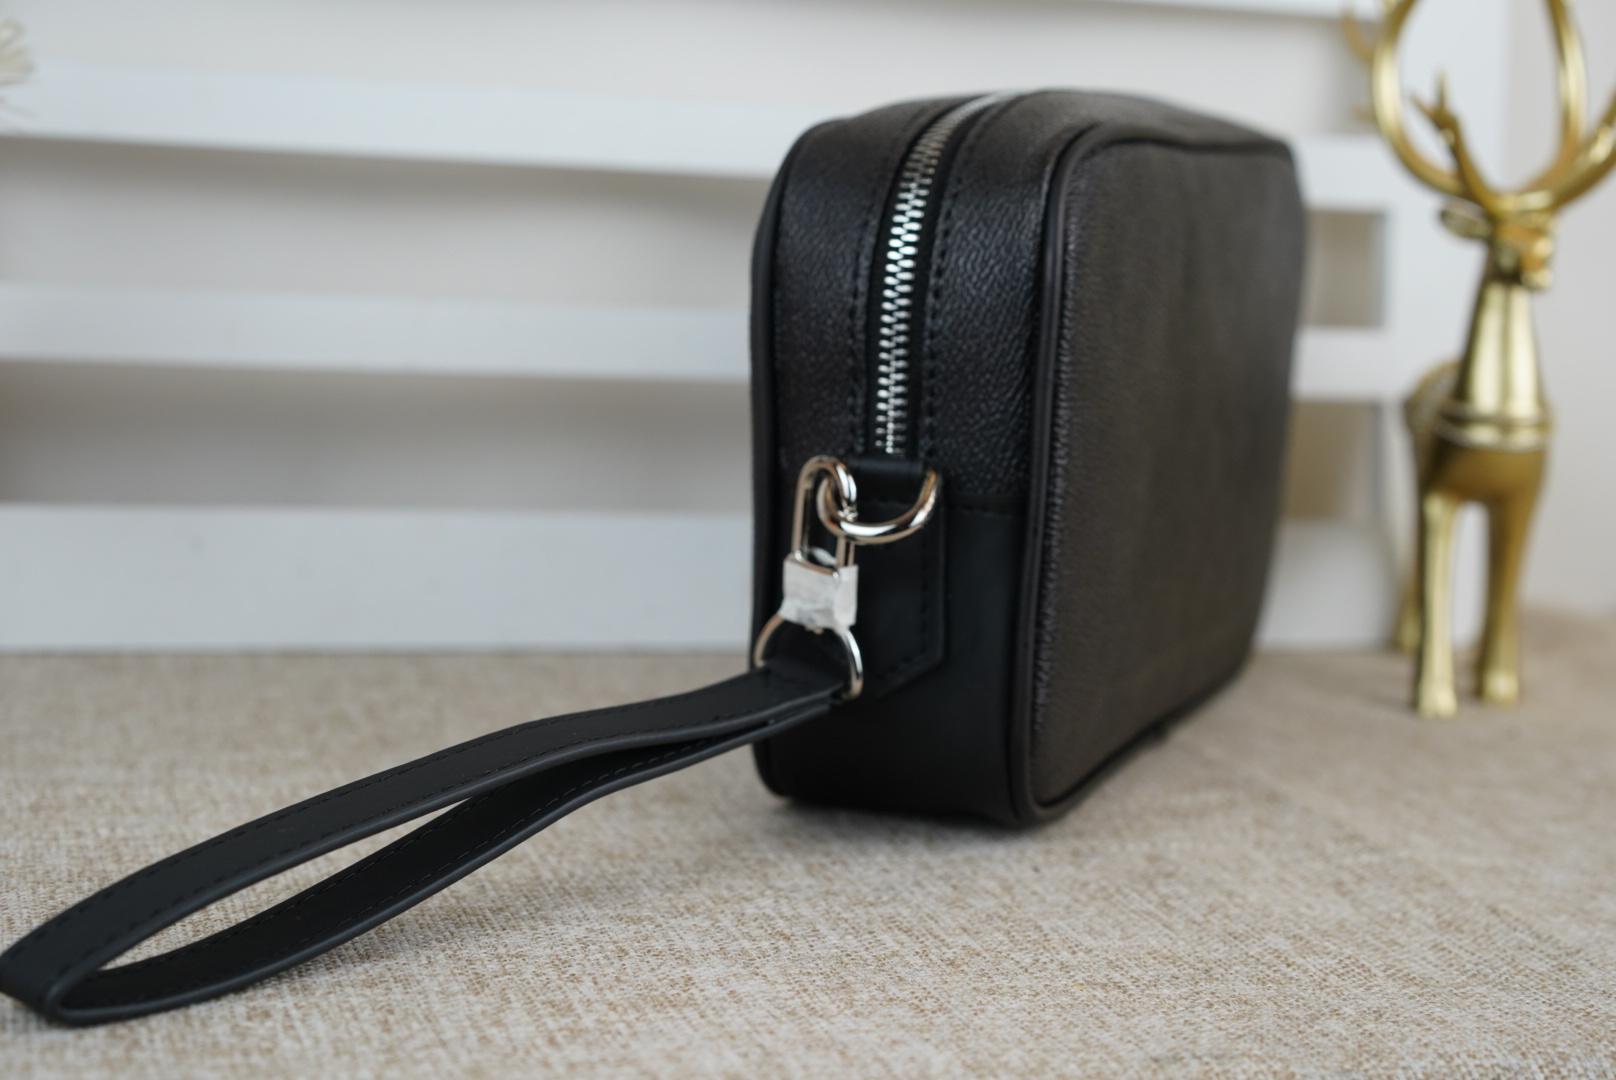 ساحة الرجال جيب حقائب الكتف حقائب اليد حقيبة المرأة حقائب النساء crossbody المحافظ جلدية القابض حقيبة الظهر المحفظة